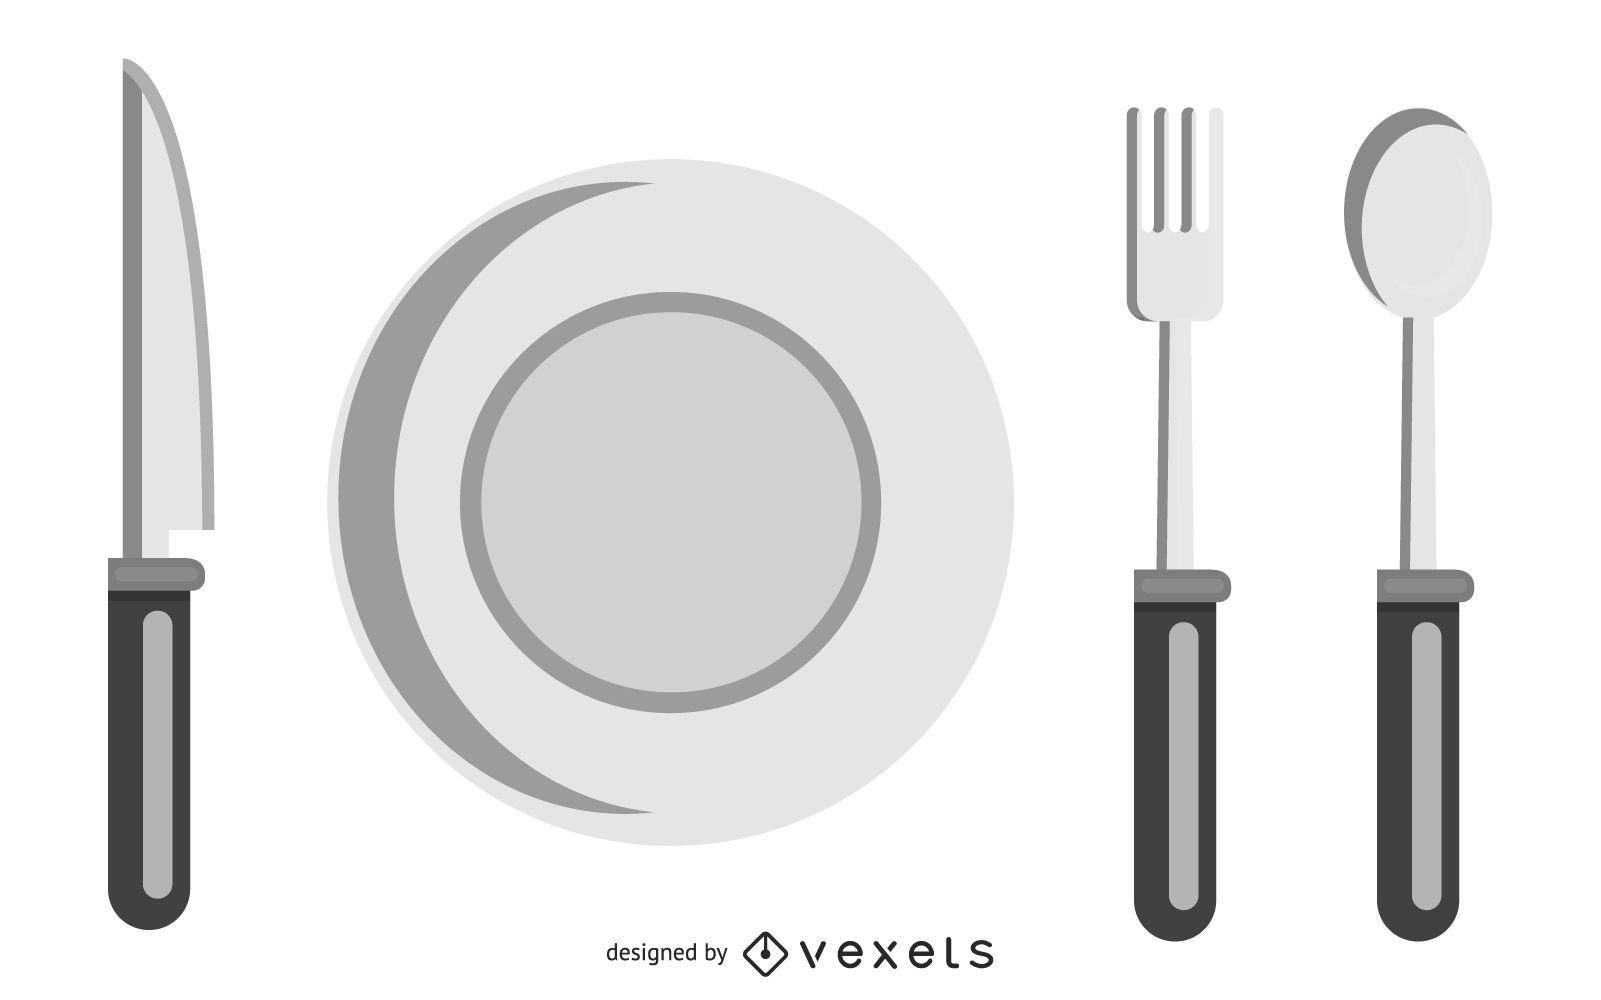 Bosquejo del juego de herramientas de cocina en blanco y negro